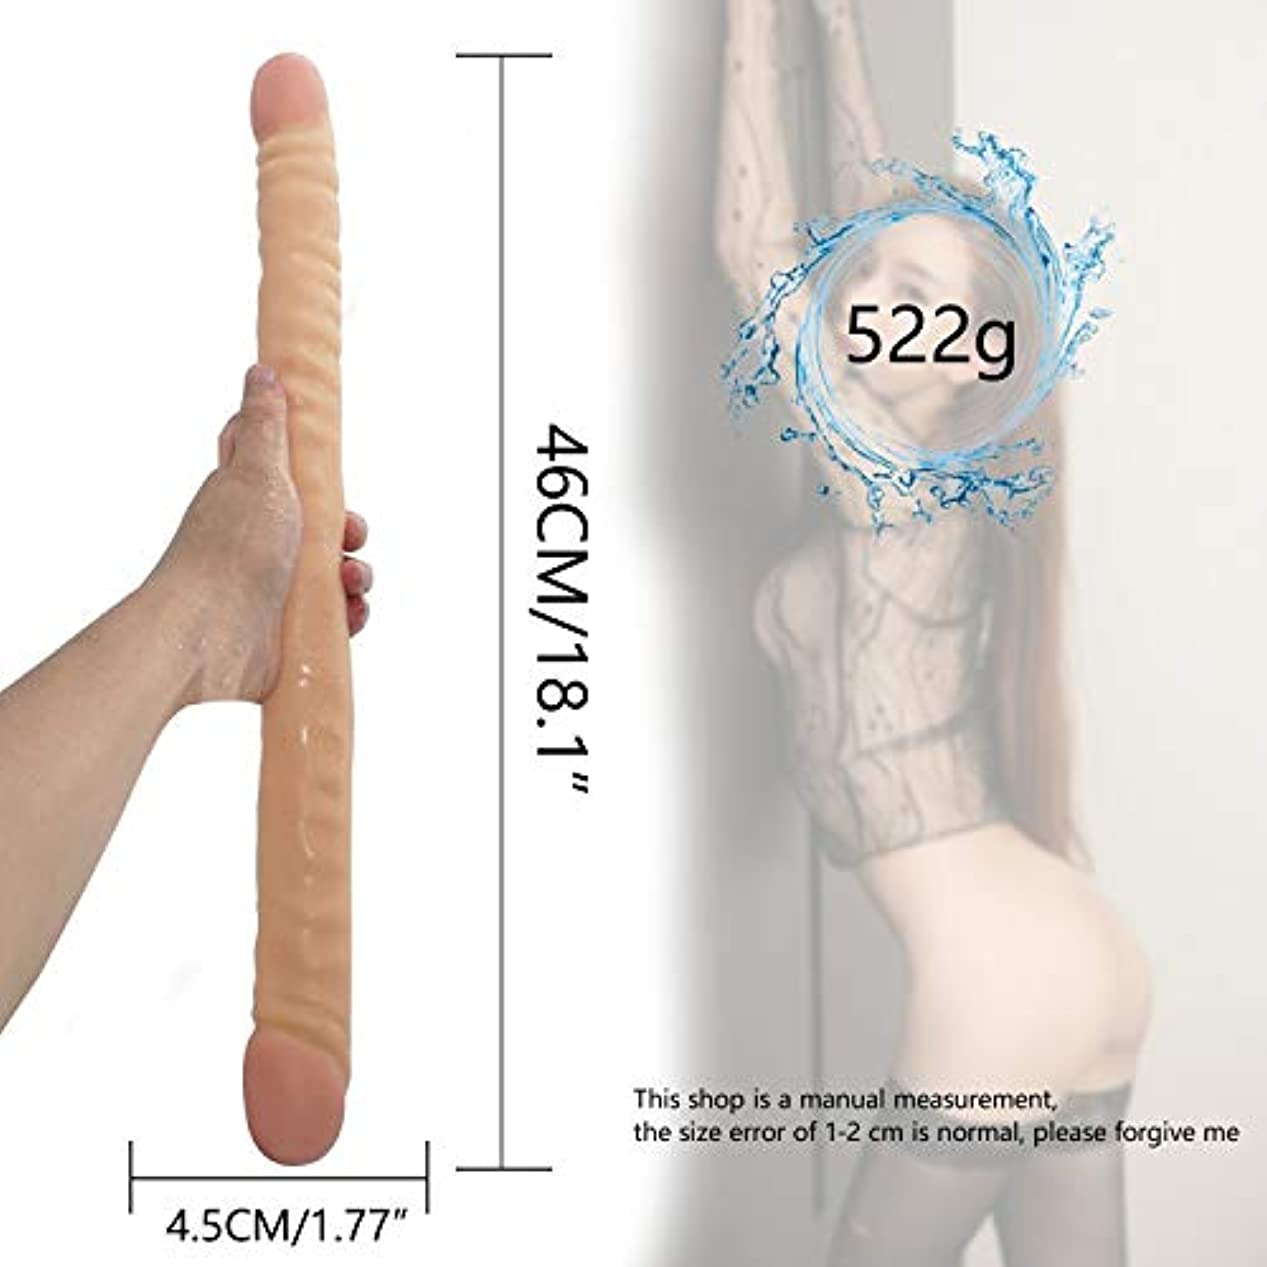 借りている領事館ここにペニス 18.1インチ女性用健康材料(肌)の完璧なサイズのダブルエンド頭の女性個人マッサージ杖 マッサージャー